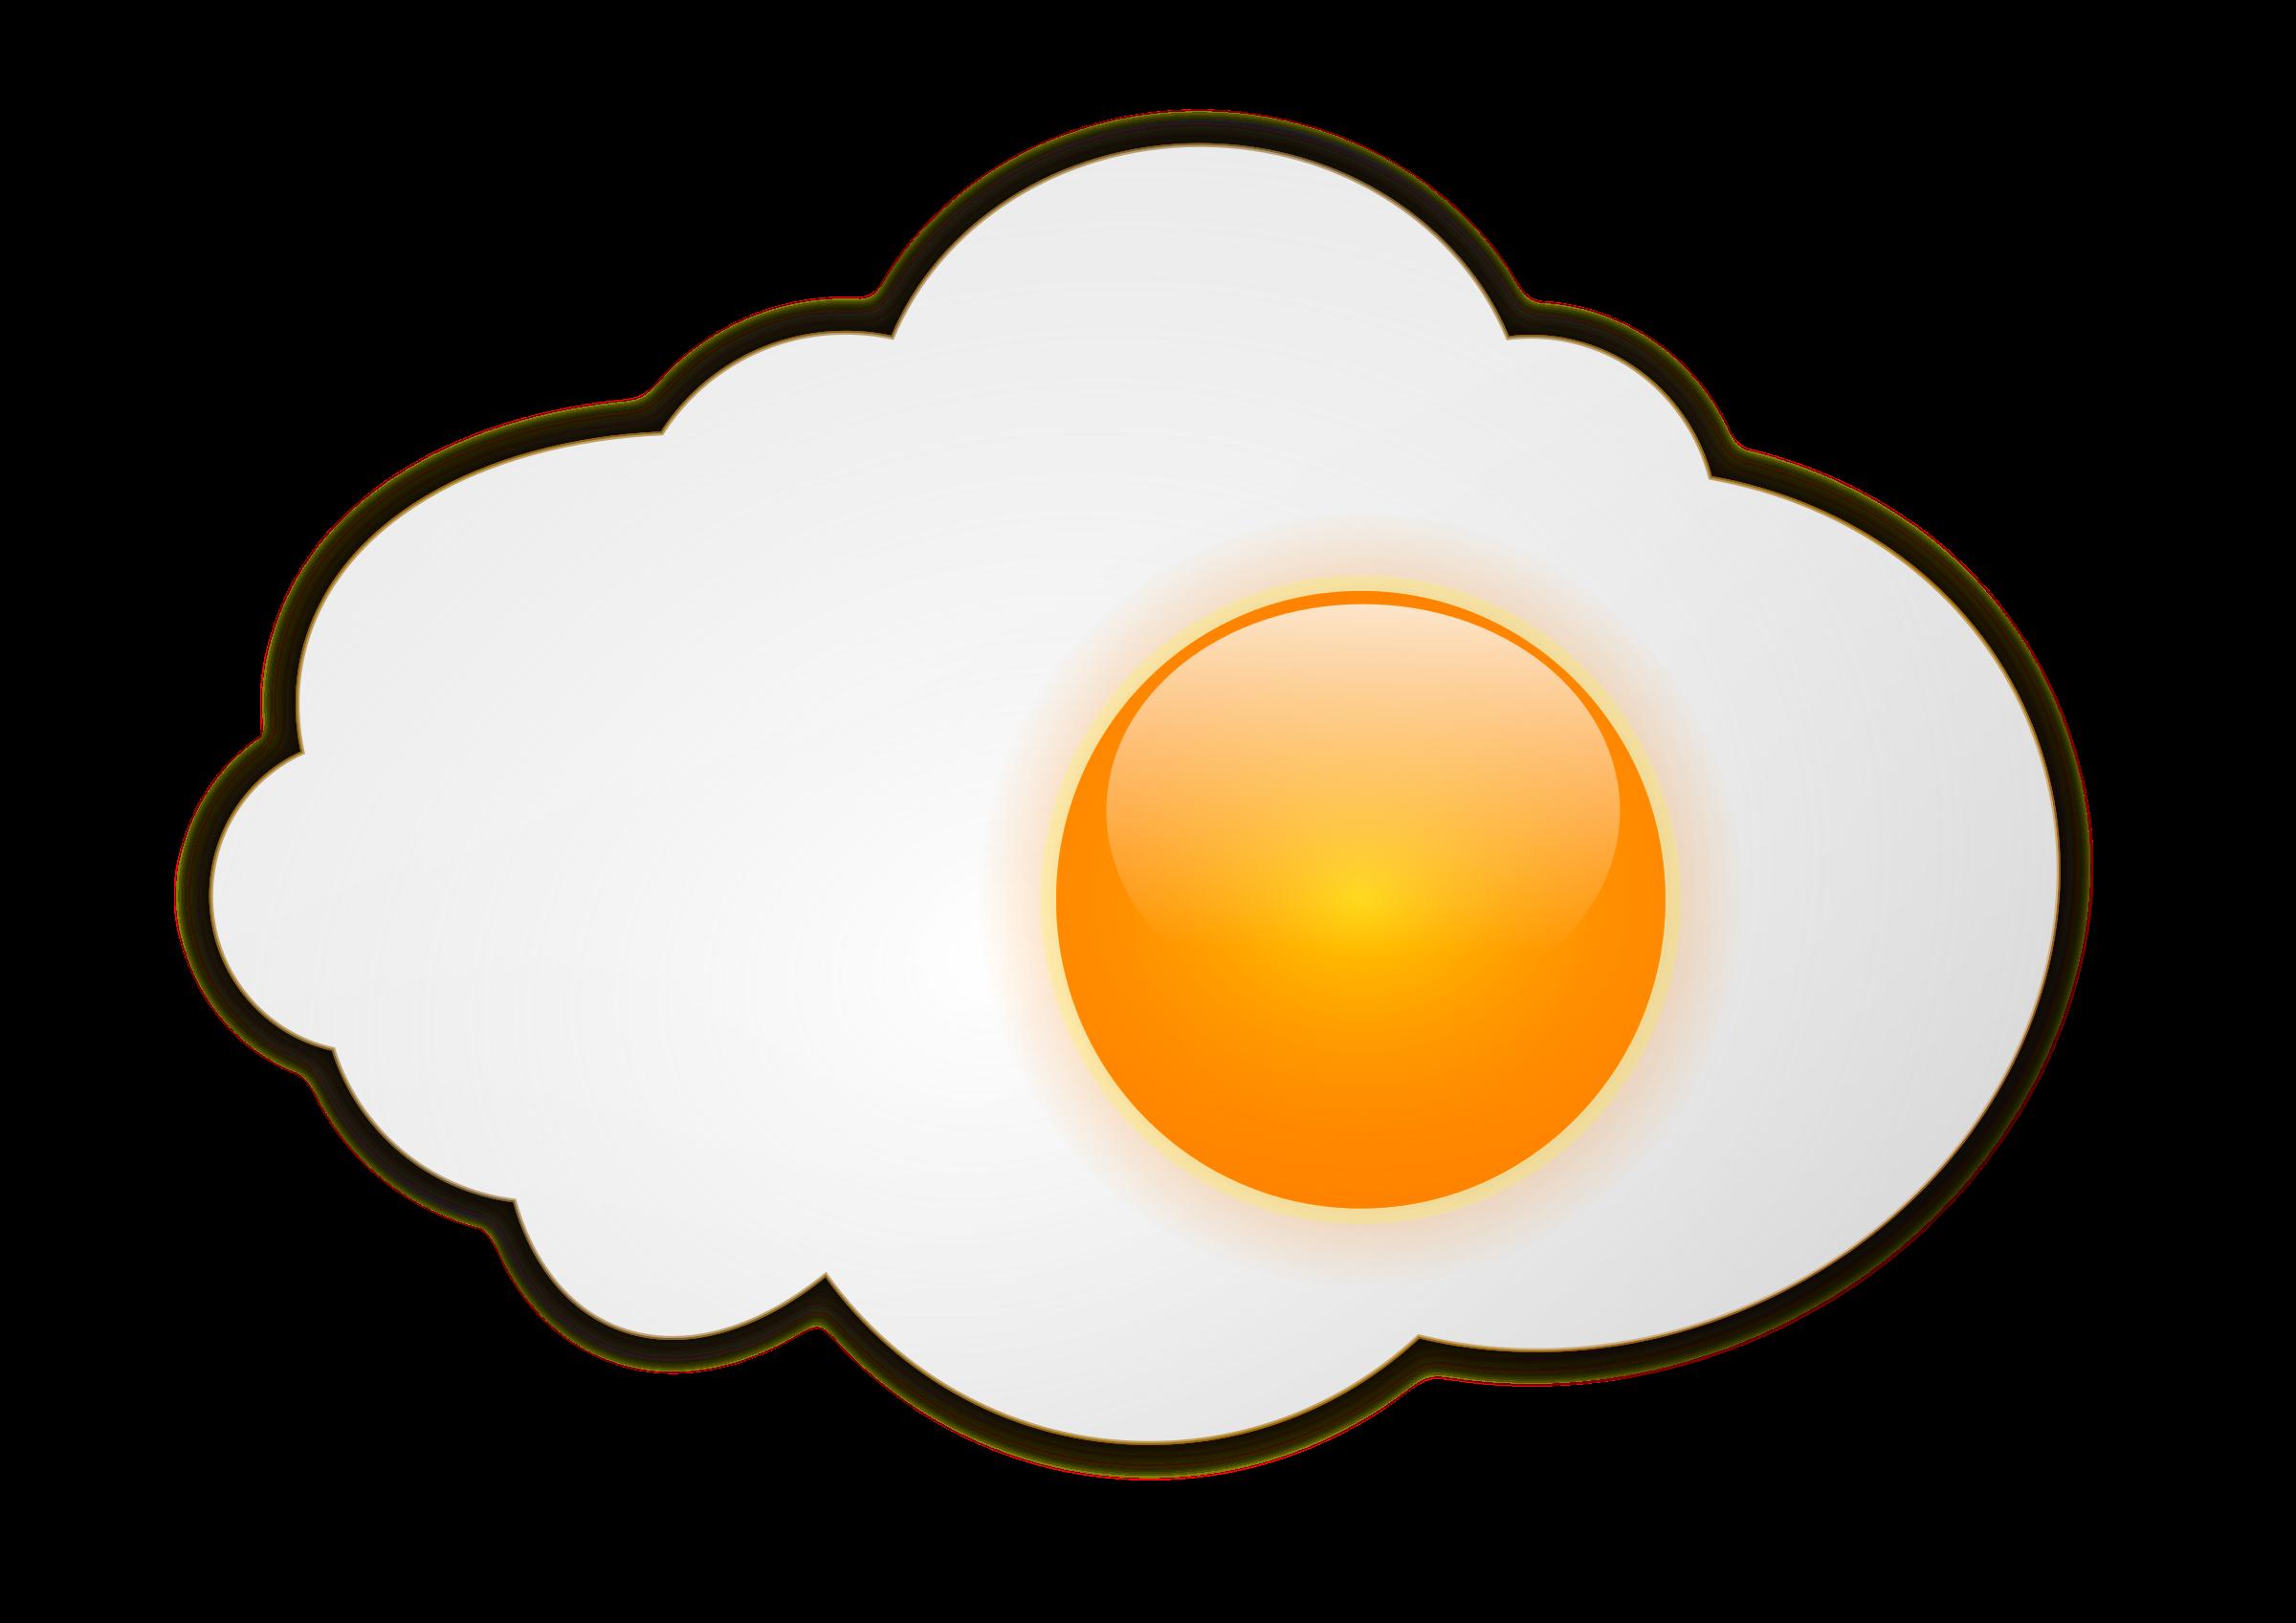 Breakfast clipart fried egg Fried Clipart Fried Egg Egg